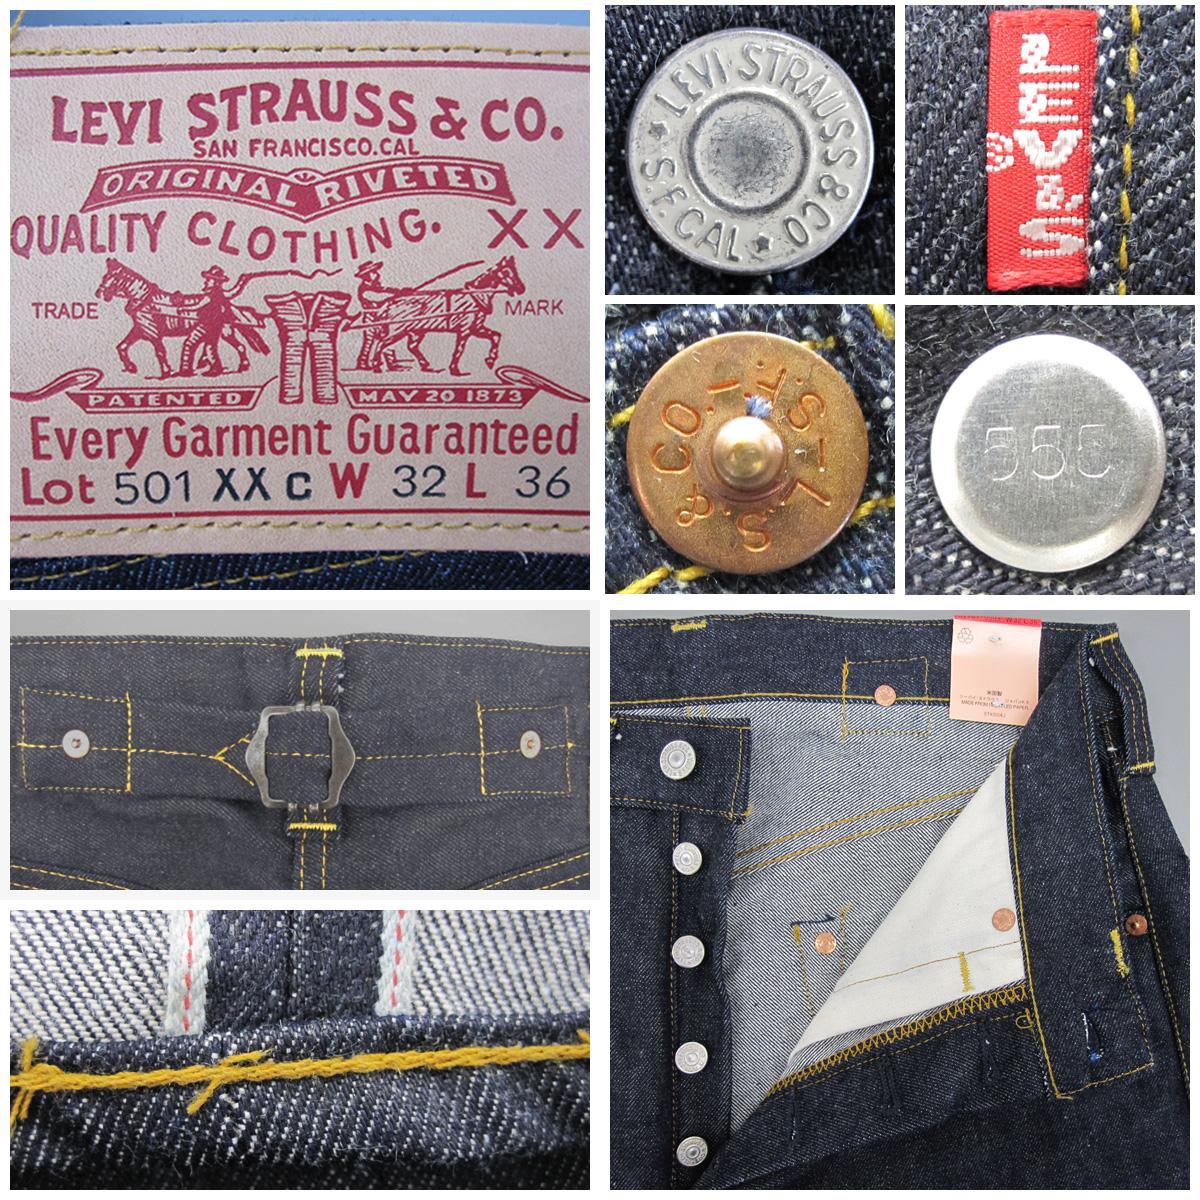 LEVIS 37201 0003 딱딱한 길이 36 인치 1937 년 501XXc 복 각 판 상단 버튼 뒤 555 표기 발렌시아 봉 빈티지 빅 E 레드 탭 LVC 레드 데님 크 로티 스 베트 백 함정 가죽 패치 1999 년 출시 된 재고